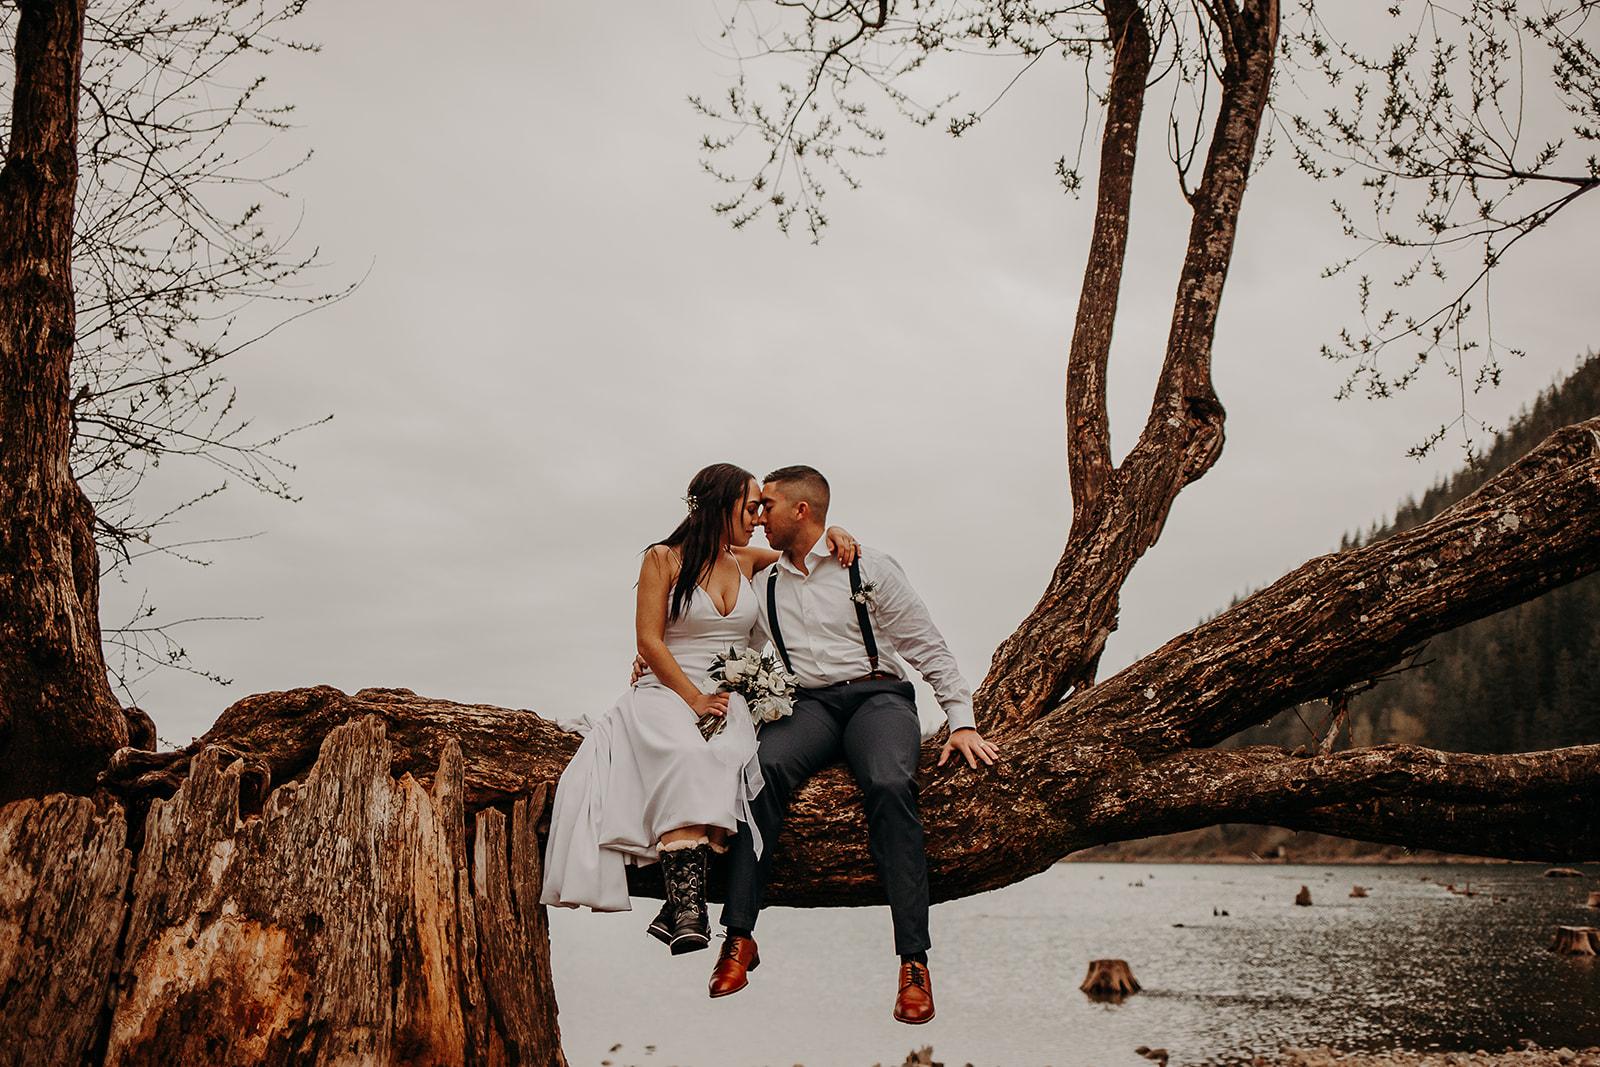 winter-mountain-elopement-asheville-wedding-photographer-megan-gallagher-photographer (76).jpg